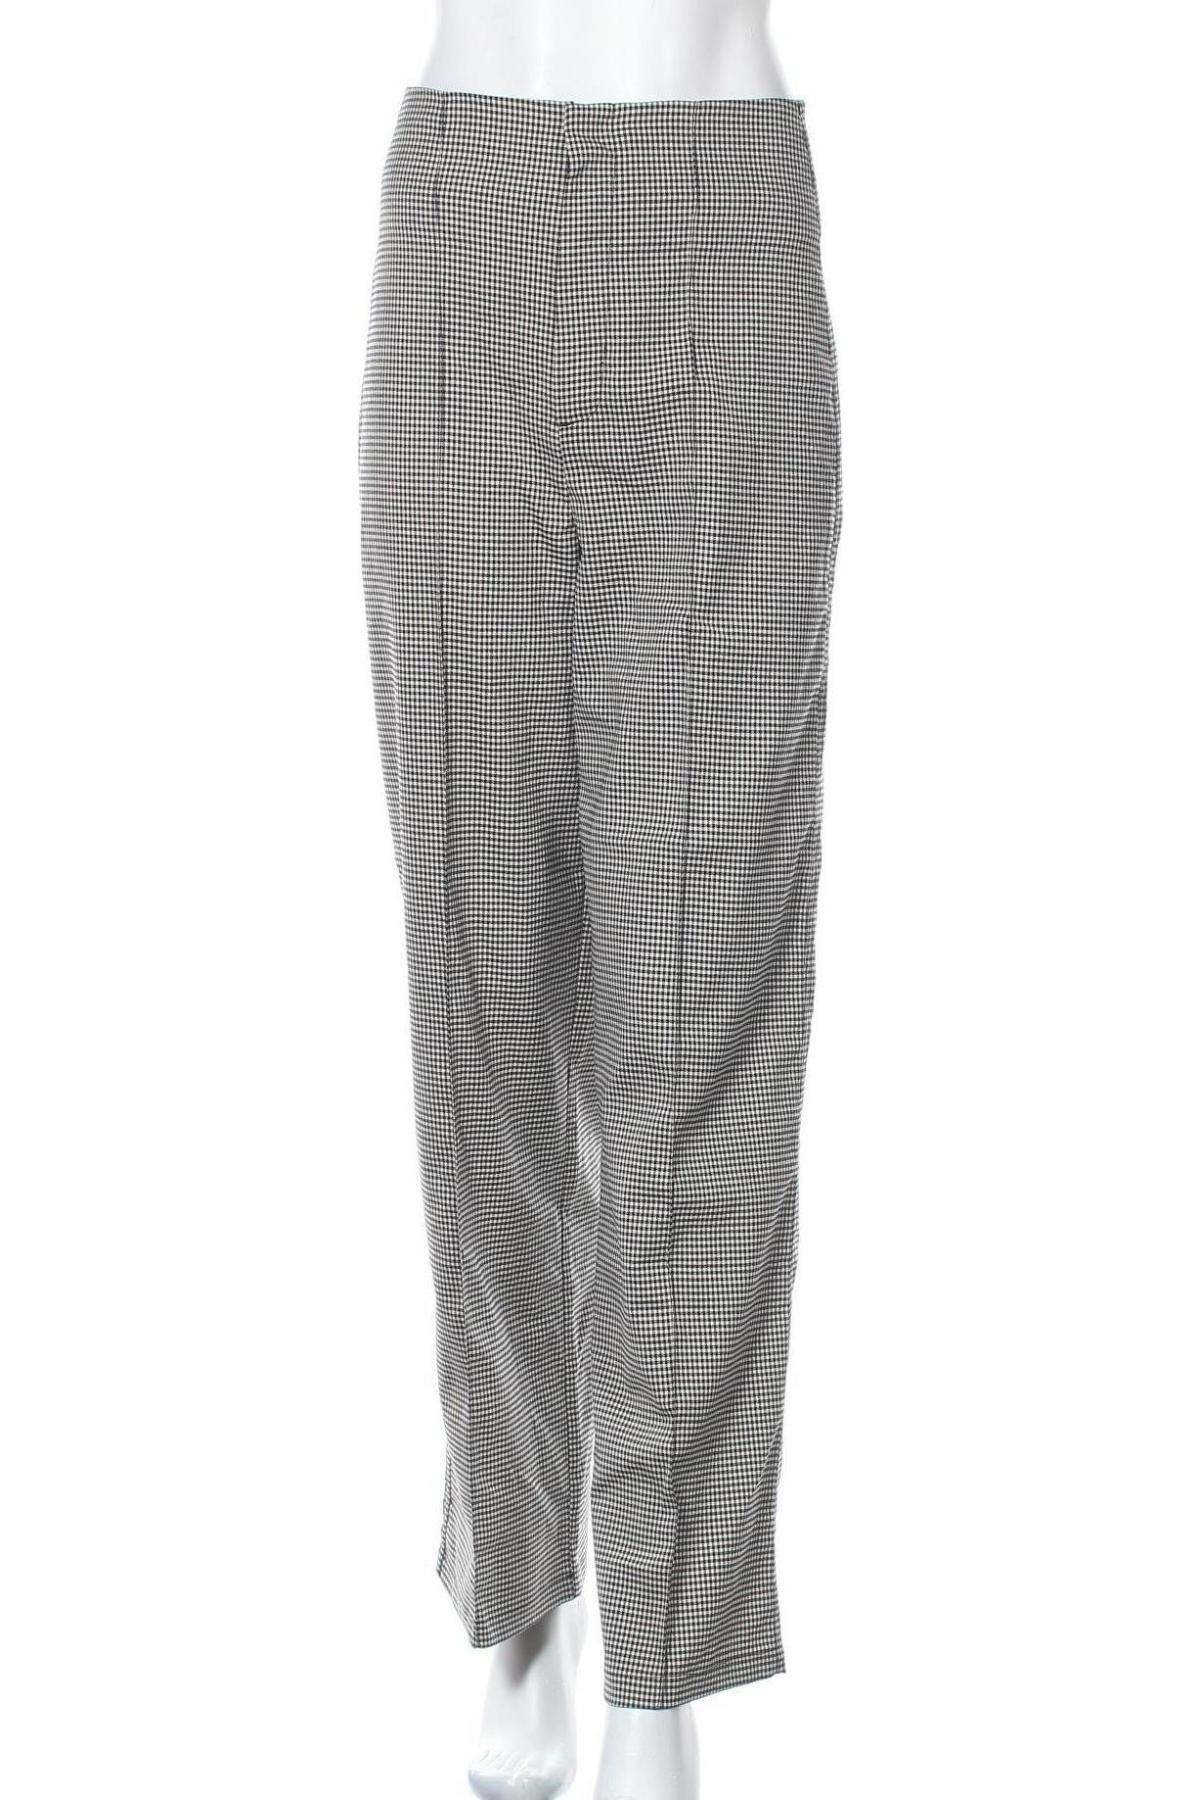 Дамски панталон Urban Outfitters, Размер S, Цвят Екрю, 67% полиестер, 31% вискоза, 2% еластан, Цена 16,38лв.